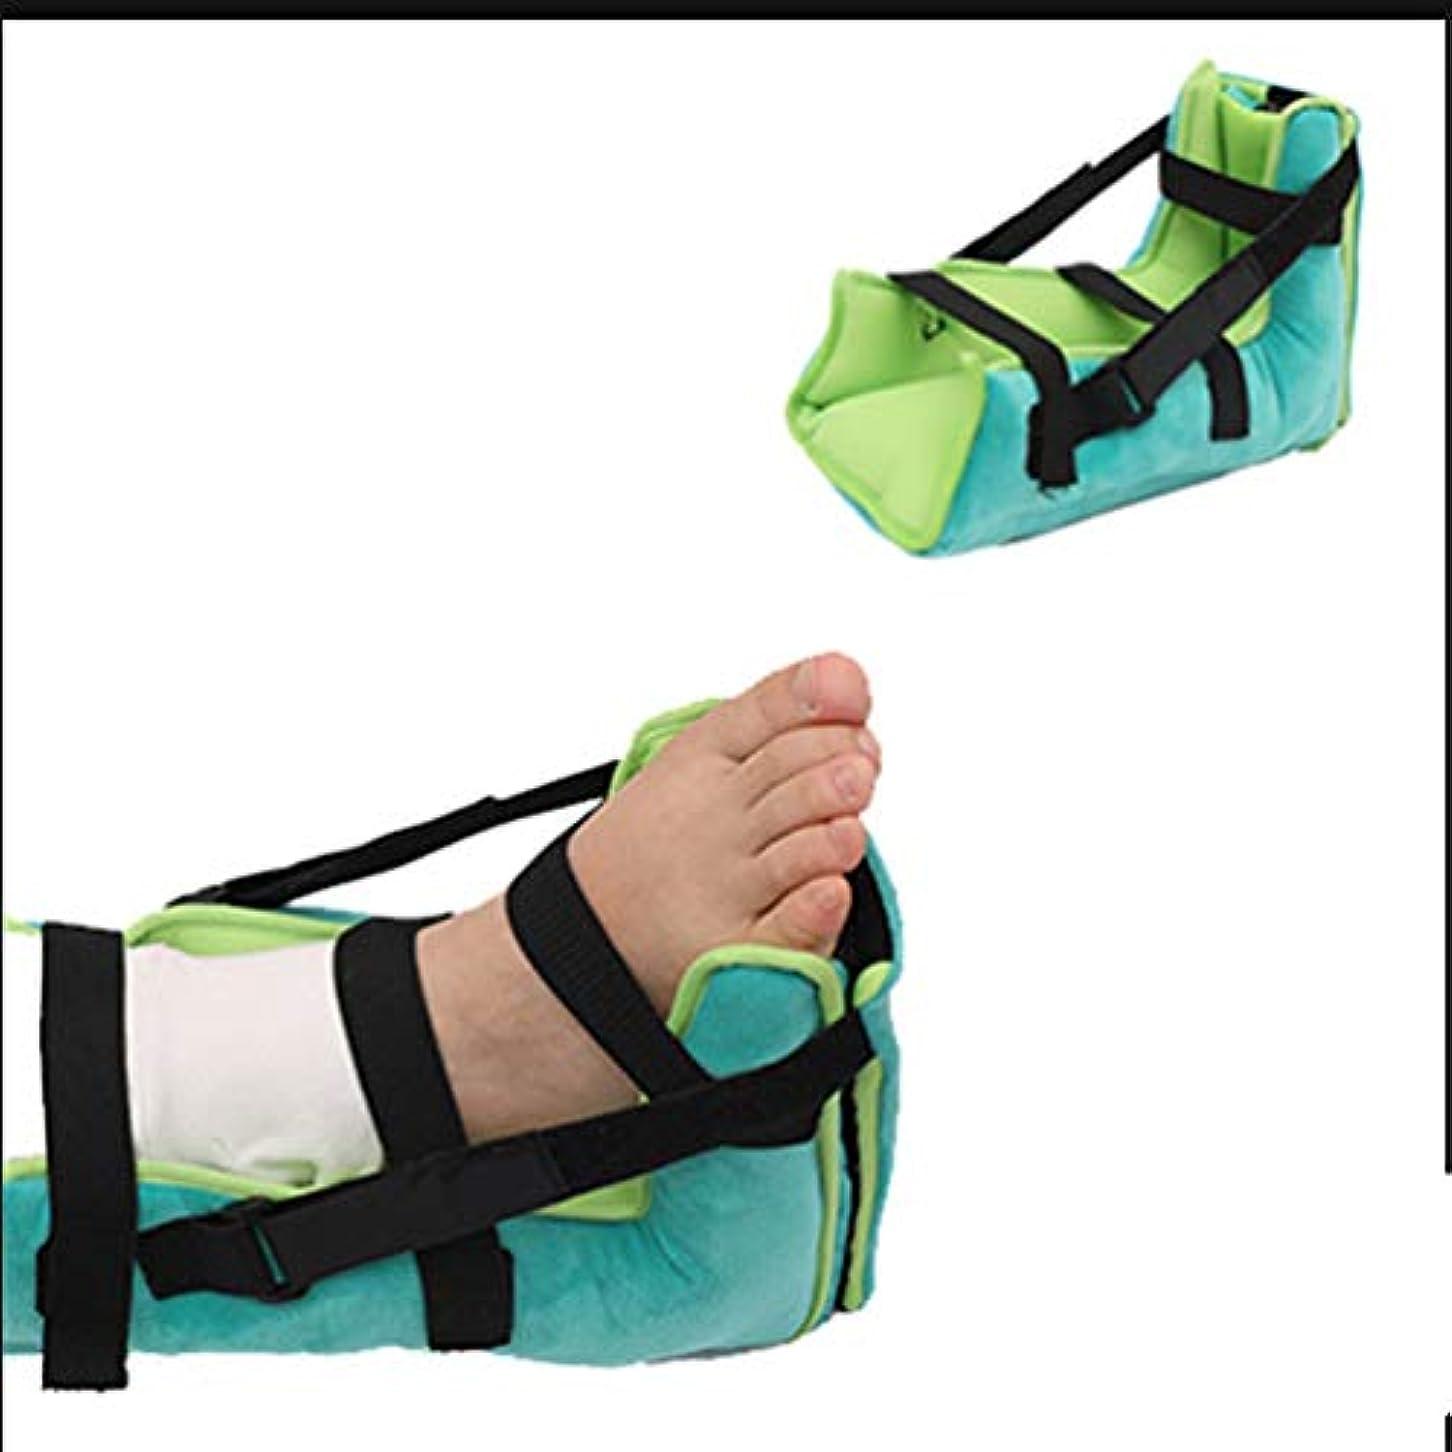 適性変更リム柔らかい快適なかかと保護足枕反Anti瘡かかとプロテクターオープン足ドループ装具減圧ストローク反足保護スリーブ